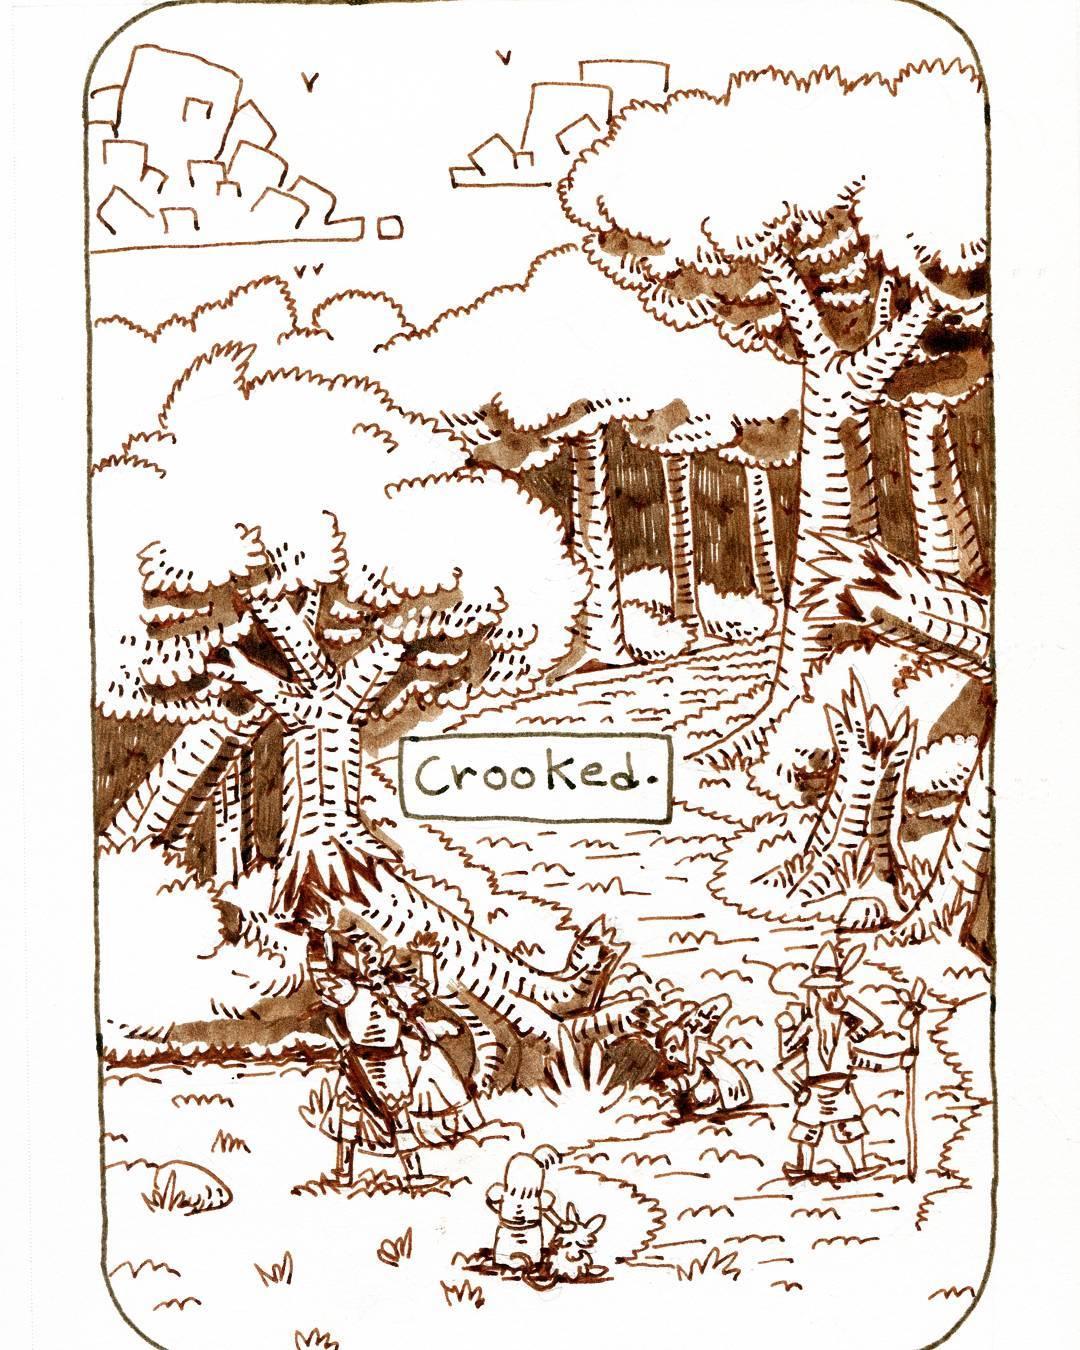 """redjarojam """"Crooked"""", Inktober 08 - by Jared DeCosta (redjarojam) www.instagram.com/redjarojam (2017-10) © dell'autore tutti i diritti riservati"""